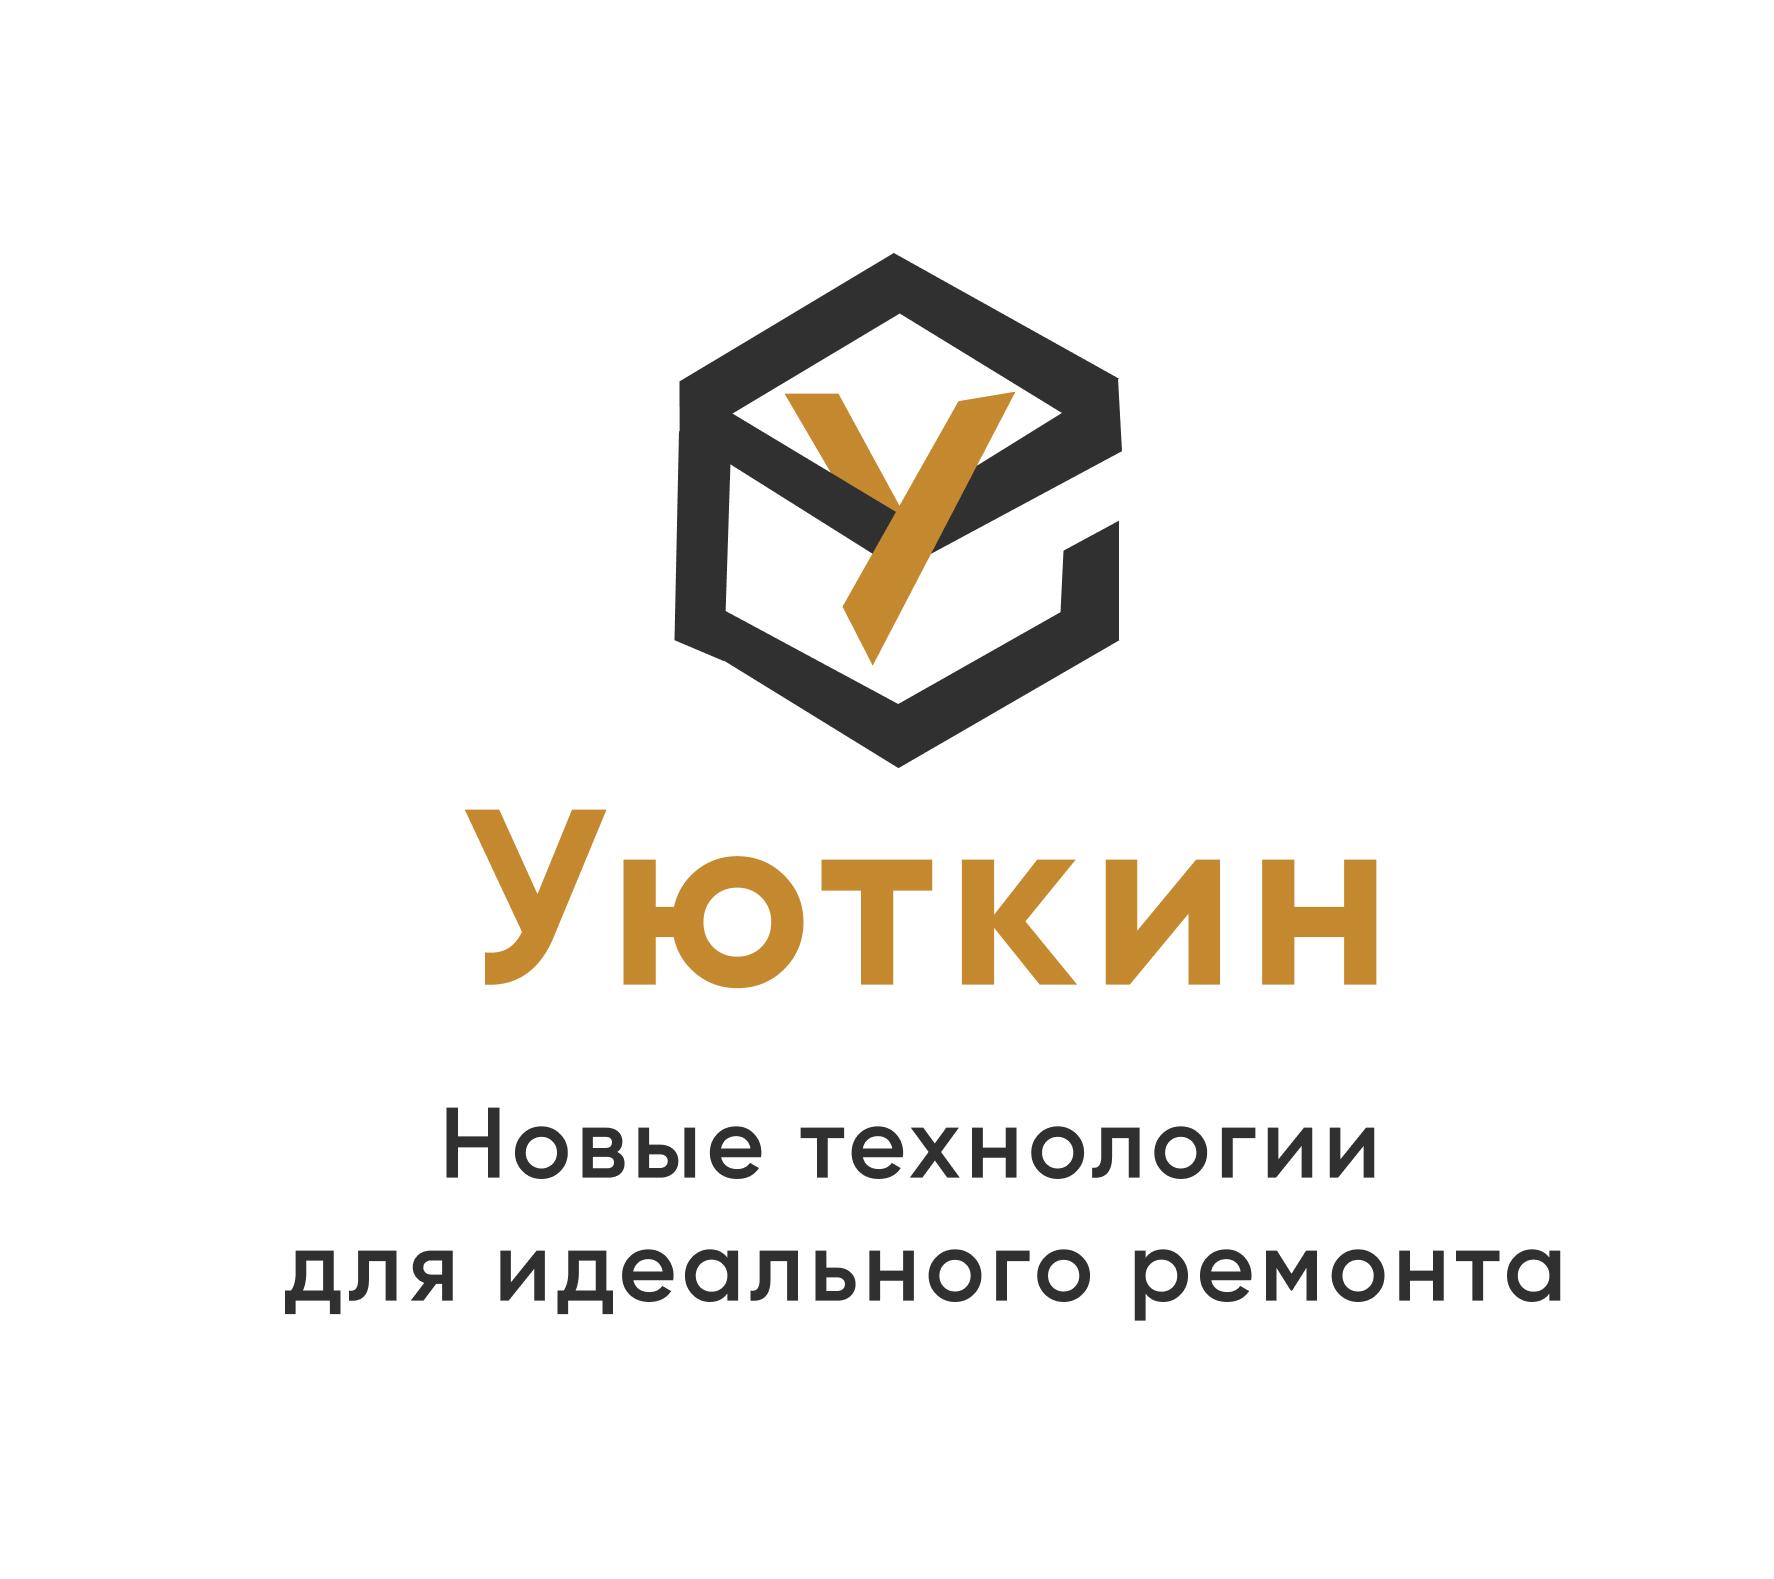 Создание логотипа и стиля сайта фото f_0995c61a52c8af3c.jpg